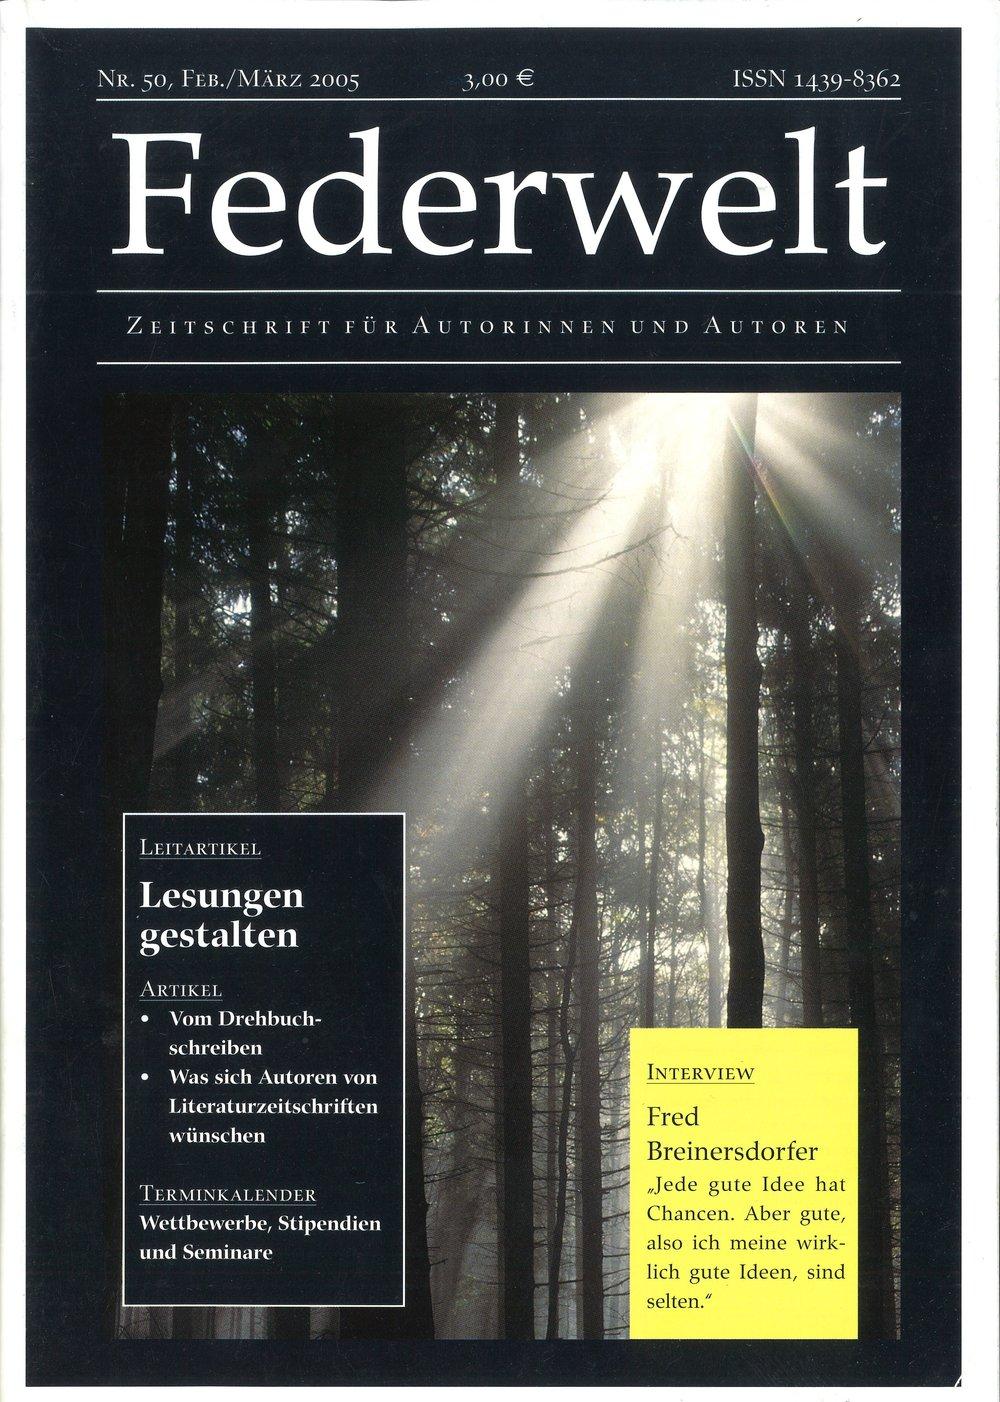 FEDERWELT_COVER_50_mini.jpg